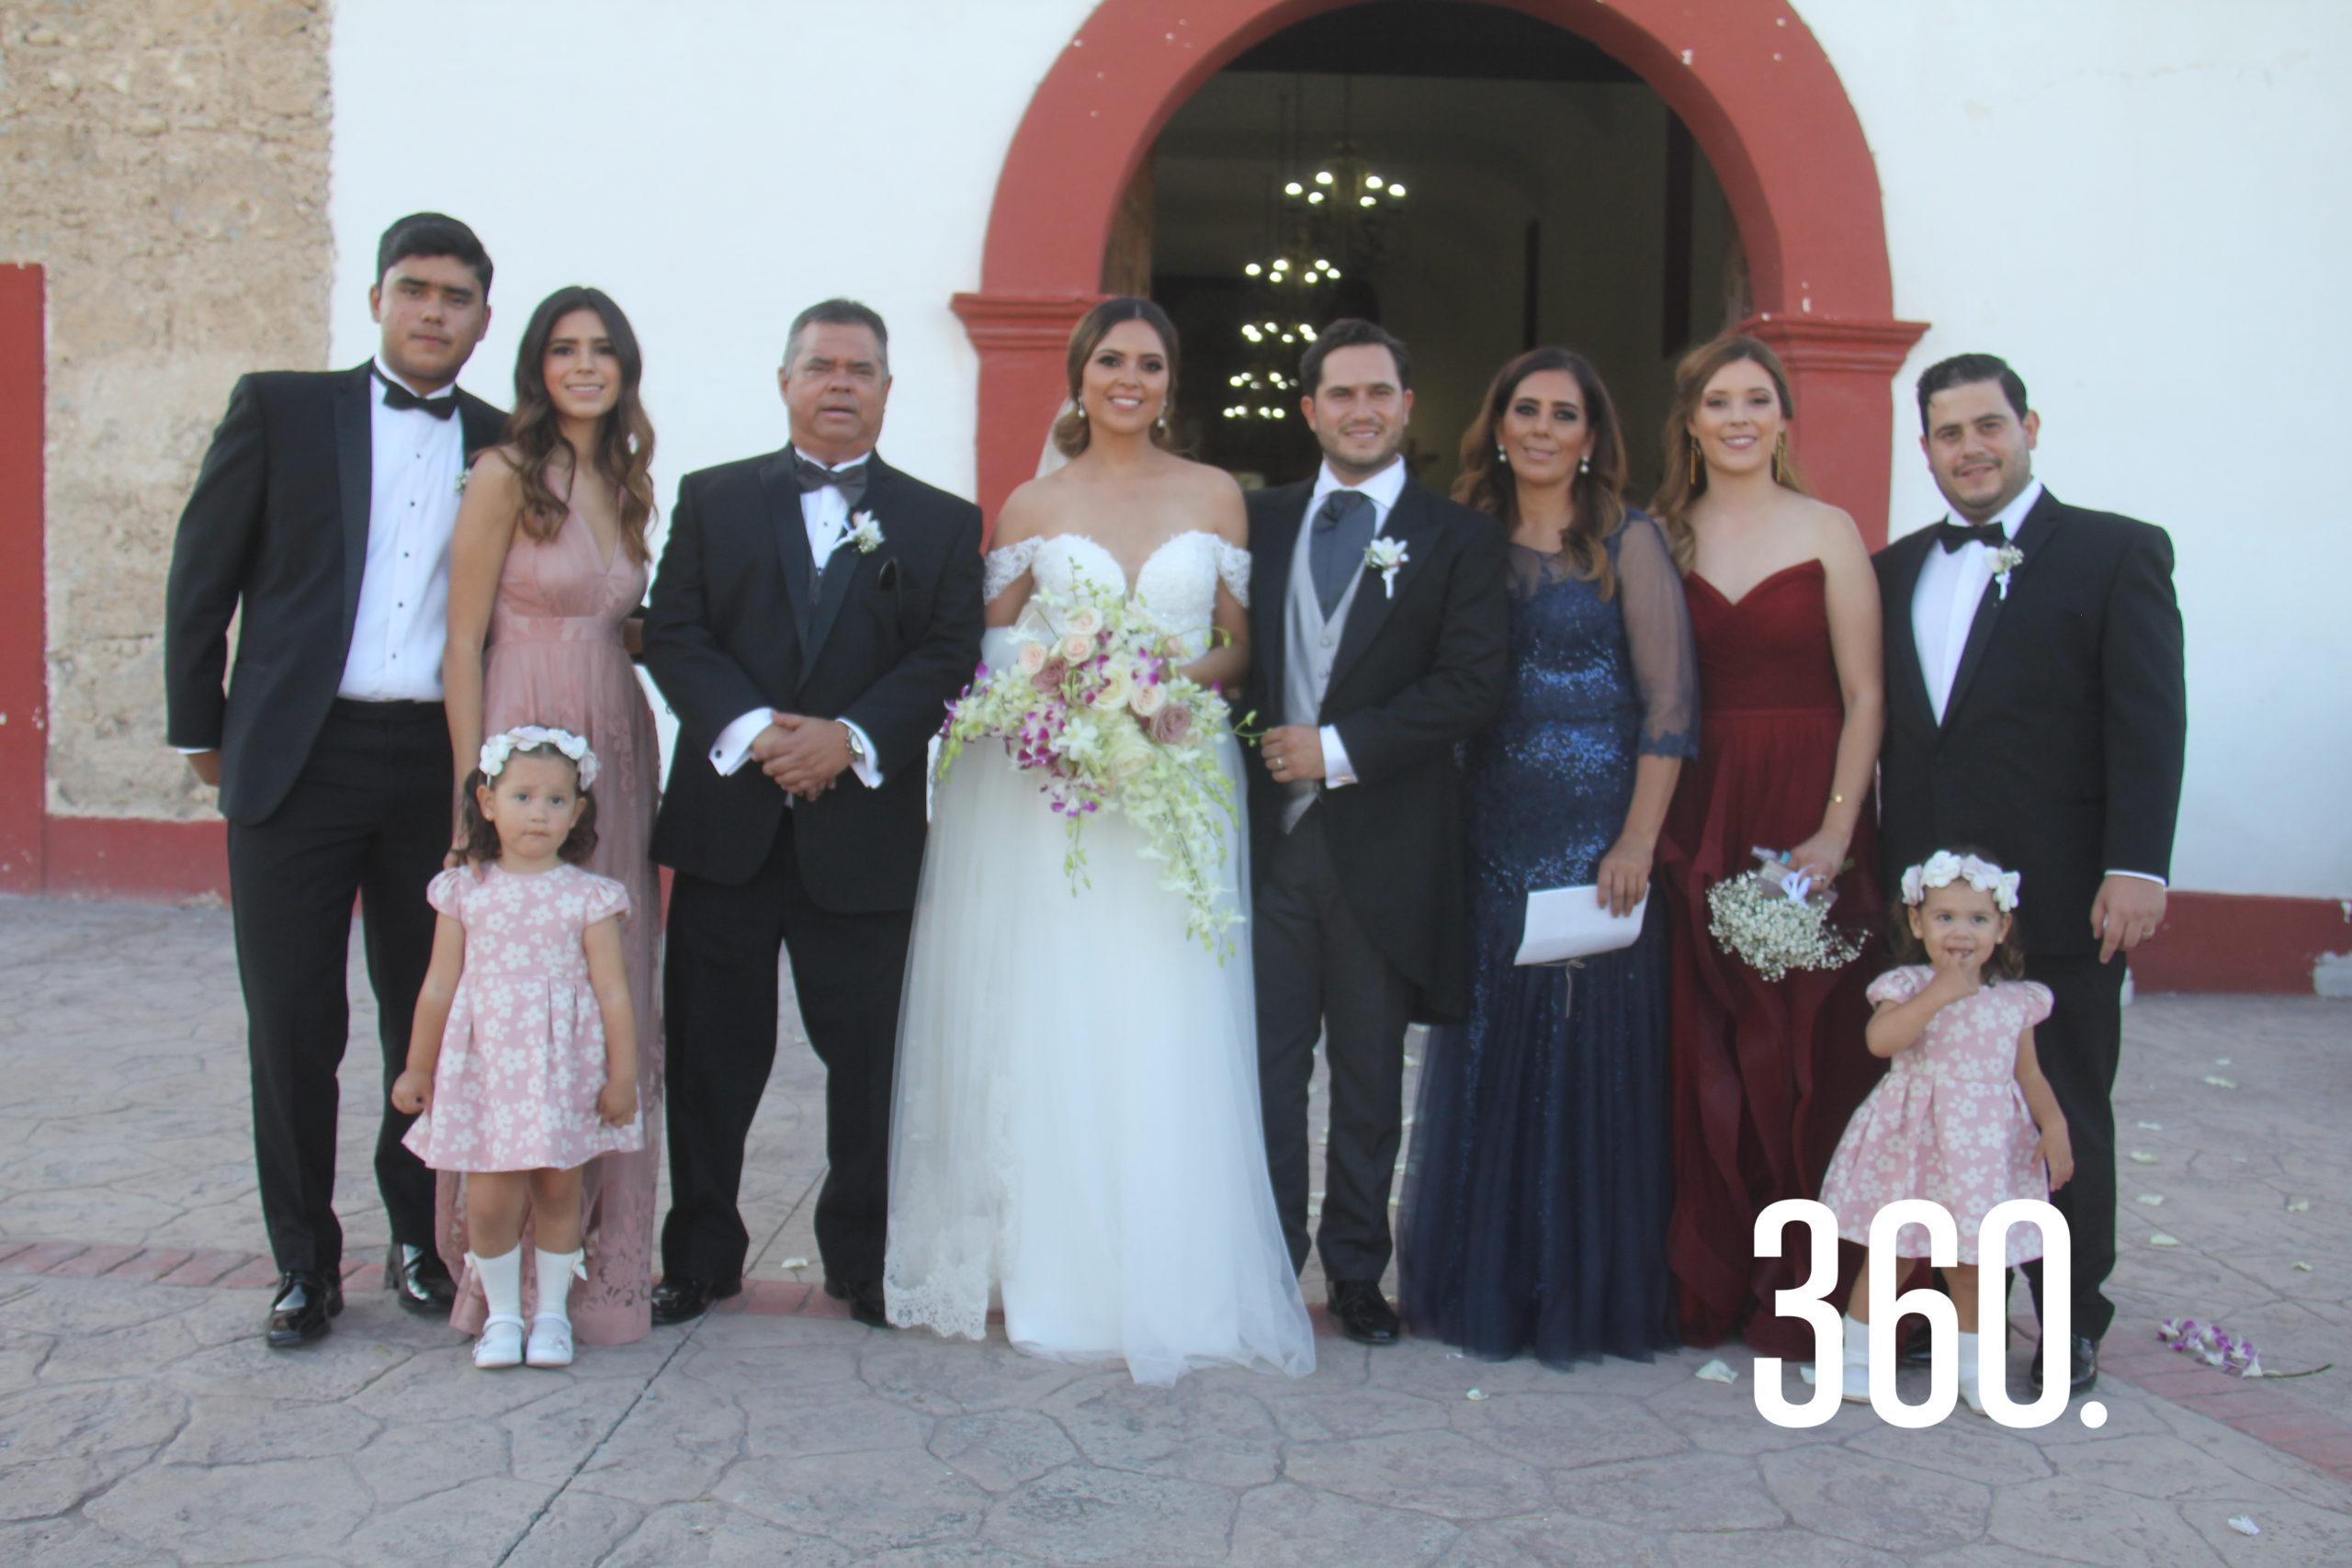 El nuevo matrimonio Peart Gómez acompañados por la familia de la novia.